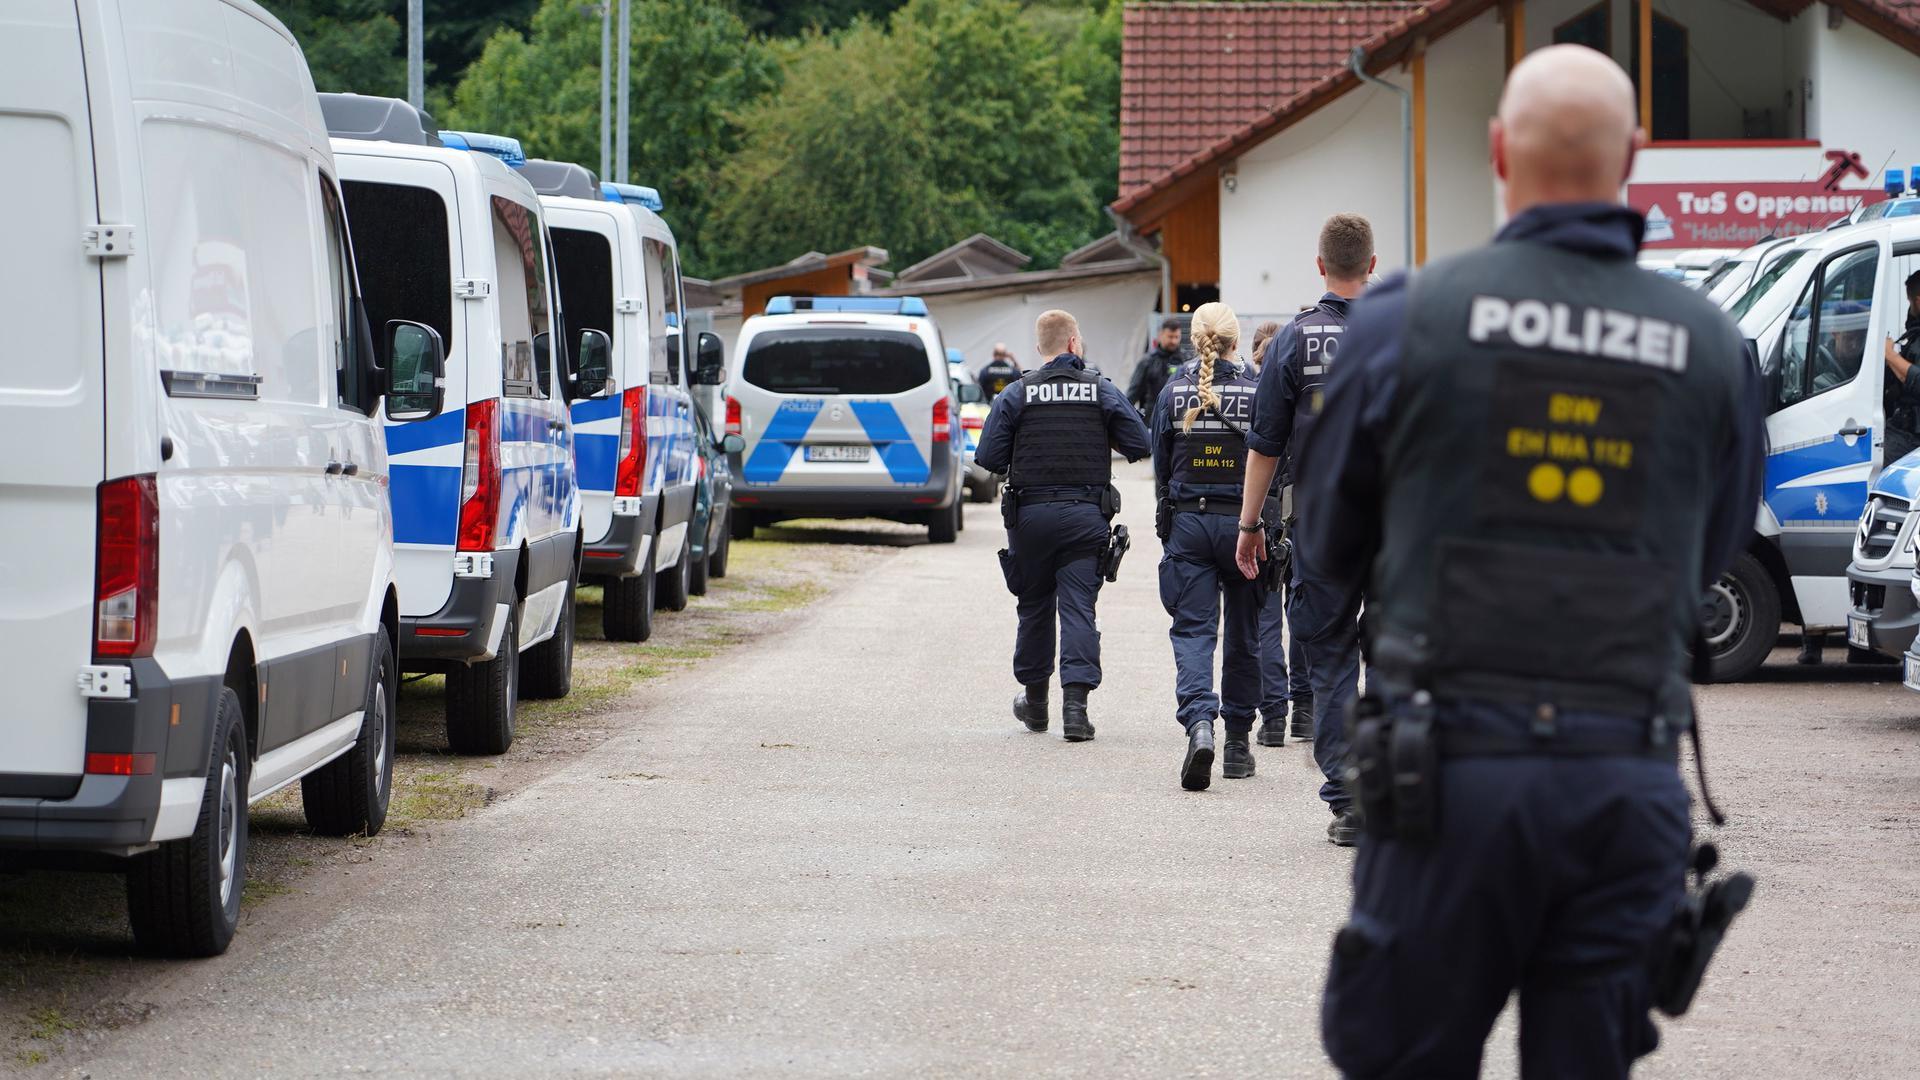 Oppenau im Ausnahmezustand: Der sogenannte Waldläufer Yves R. hielt im Juli mehrere Tage die Region in Atem. Mit einem riesigen Polizeiaufgebot wurde der Mann gesucht.